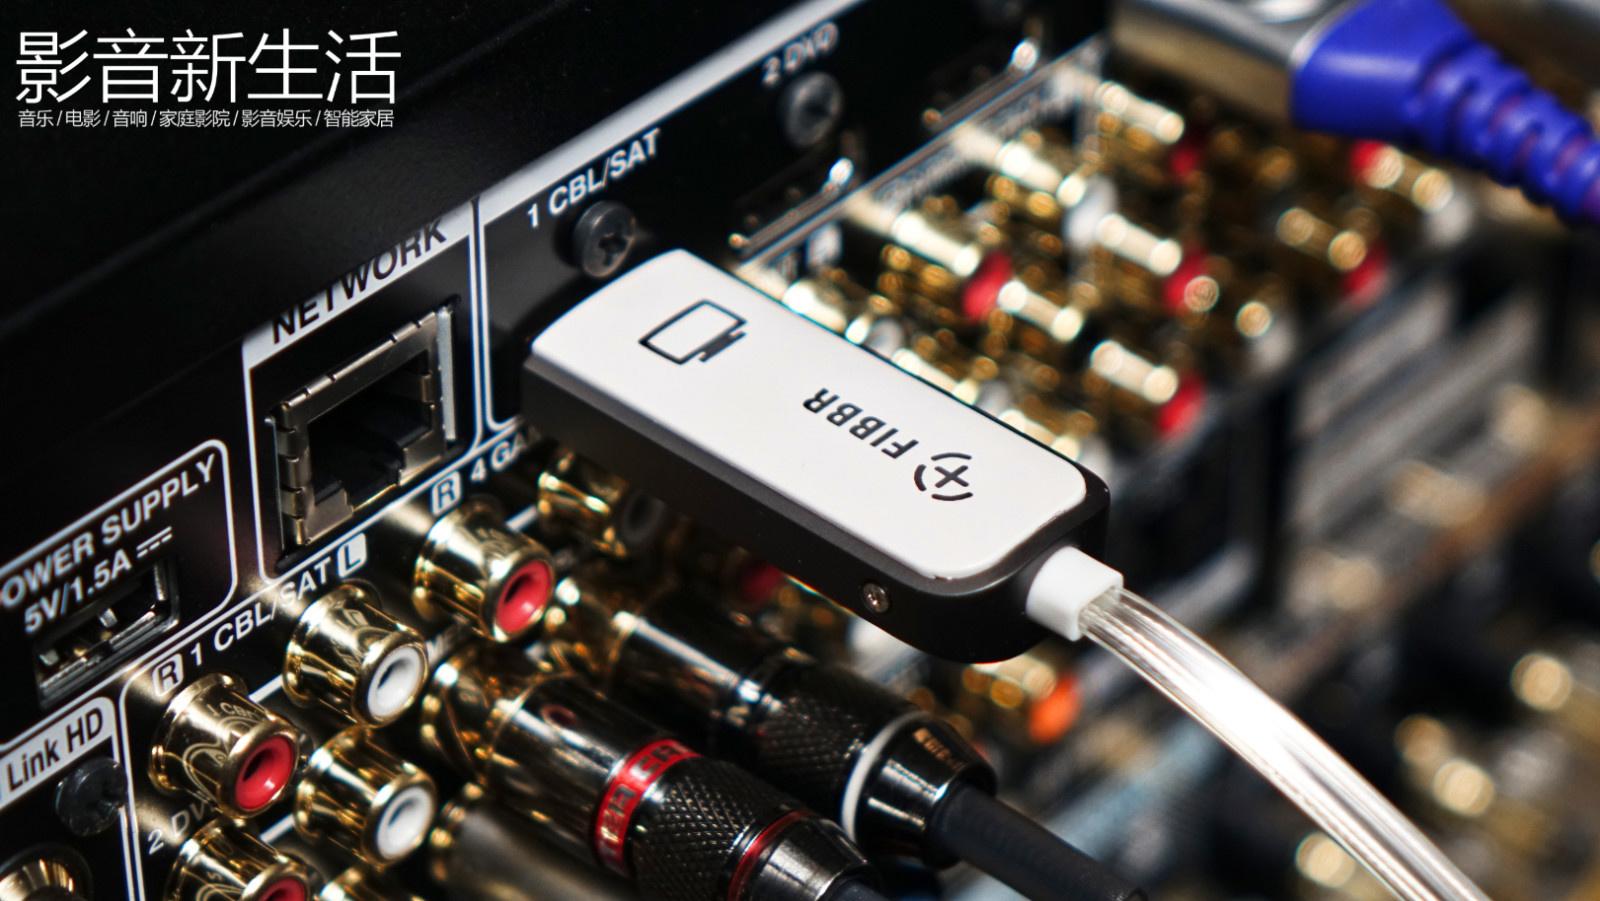 """新品   """"高品质影音体验,先让线材藏起来""""FIBBR菲伯尔Crystal冰晶系列HDMI线"""